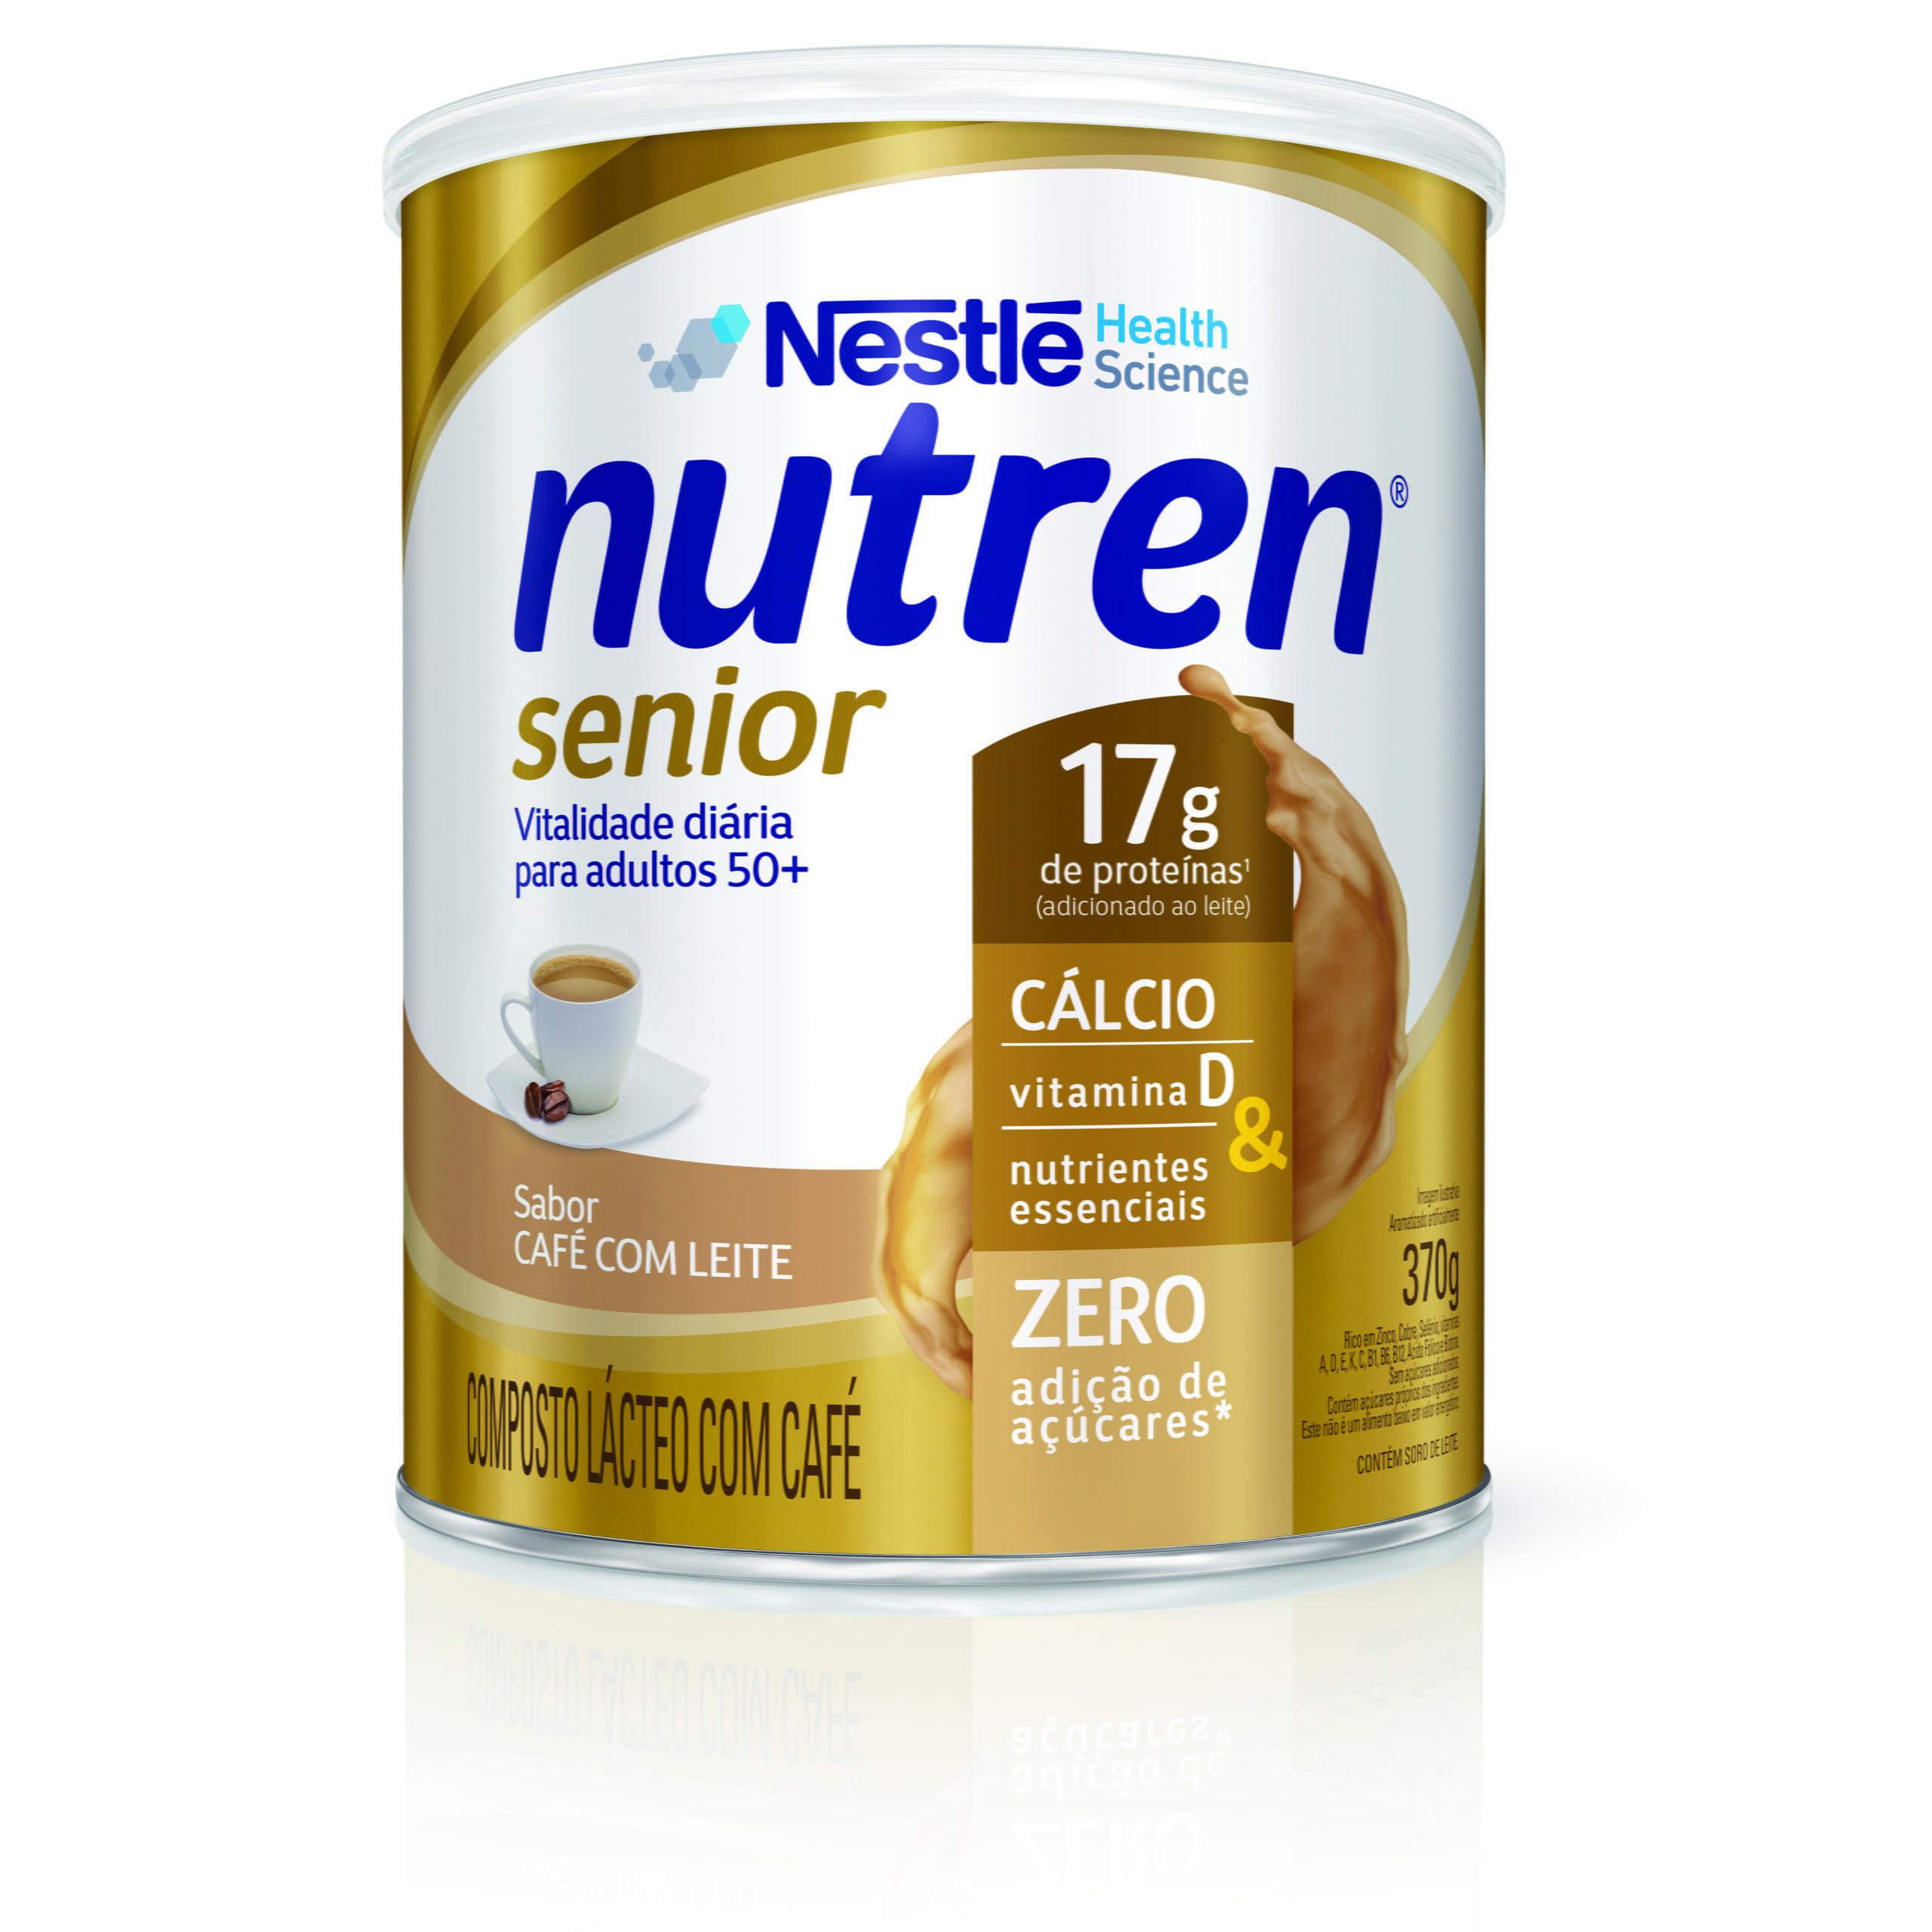 Promoção da Nutren® Senior distribui amostras grátis